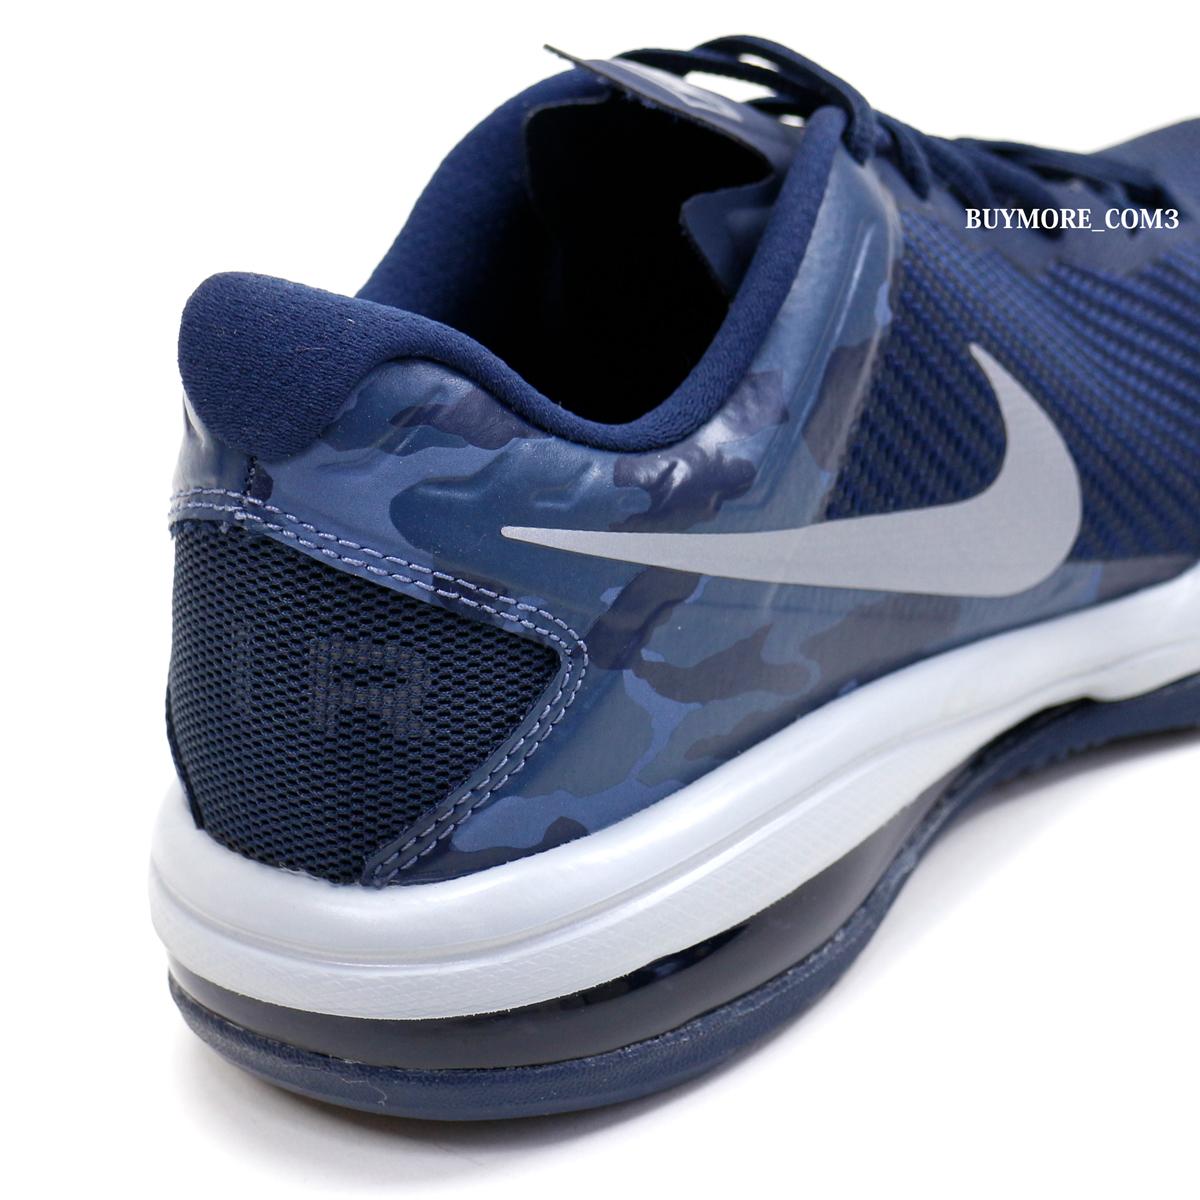 新品 Nike Air Max Full Ride TR 1.5 ナイキ エア マックス フル ライド TR 1.5 スニーカー 28㎝ ネイビーカモ 869633-401 ◆QZ014_画像10